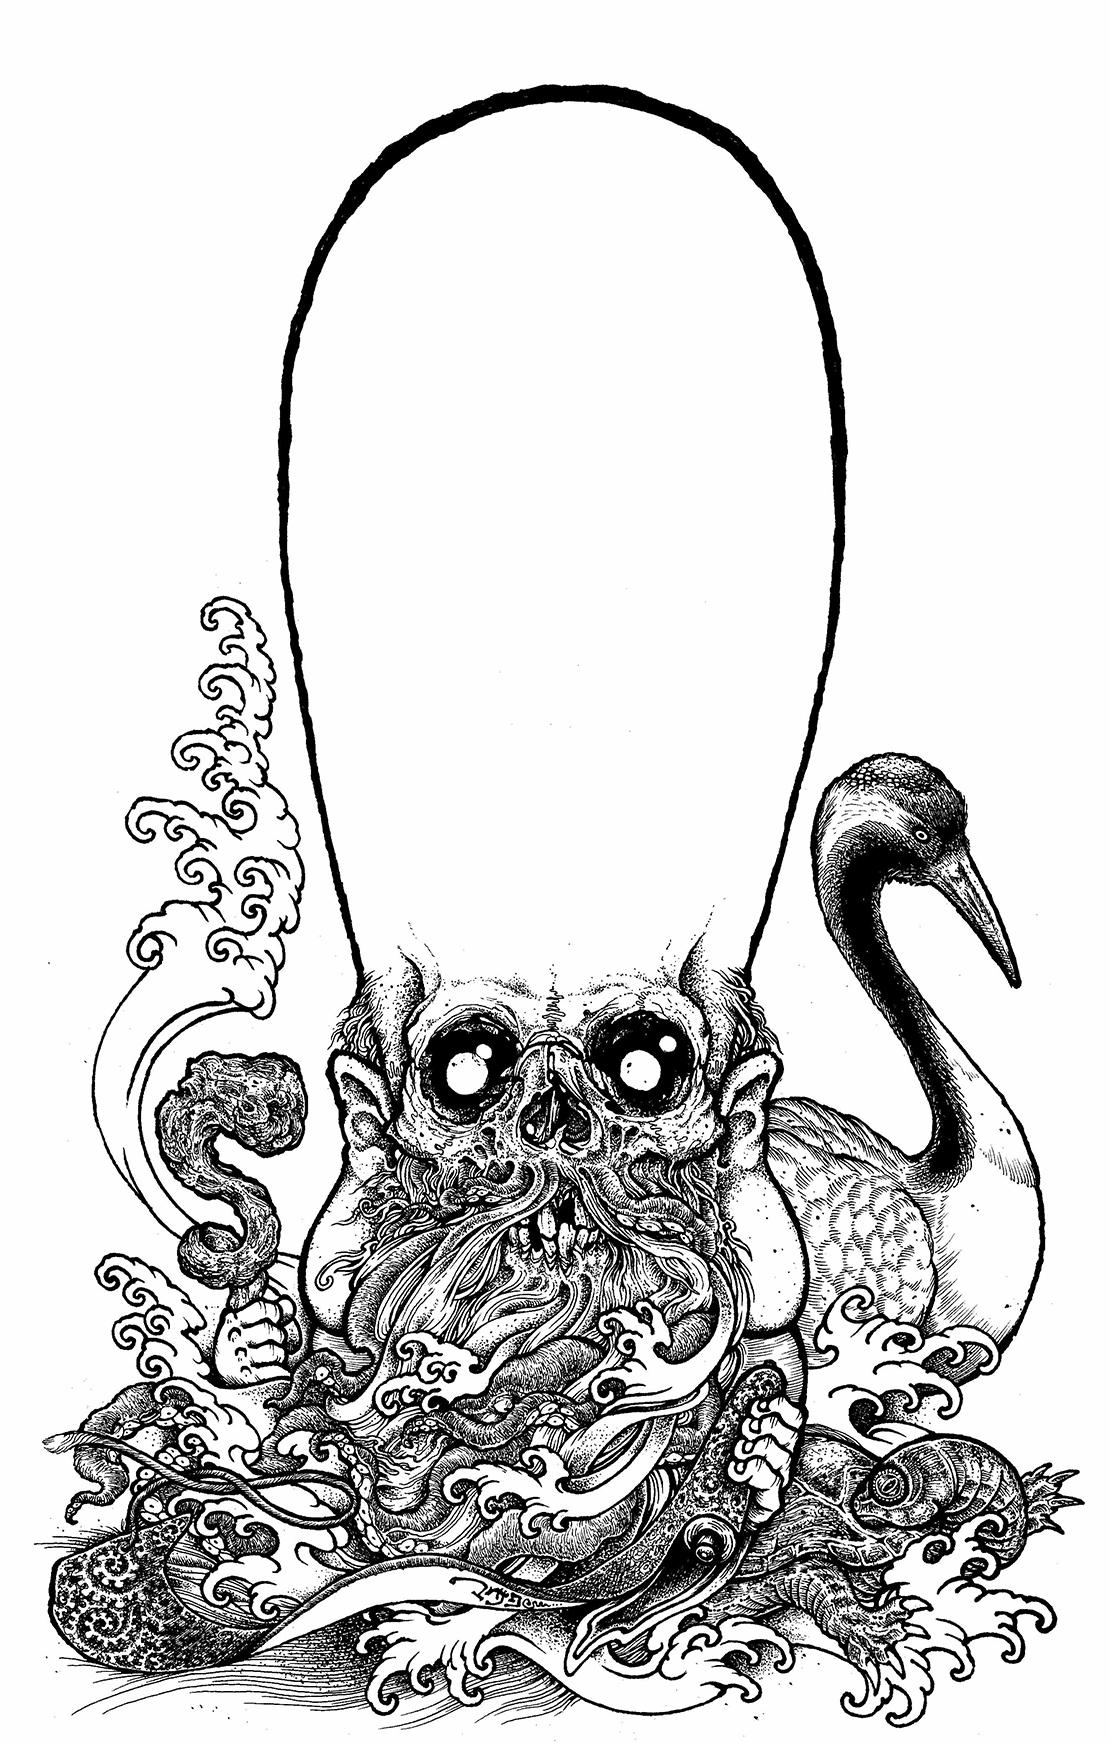 resize_pics_4 「フジロックが江戸時代にあったなら」を描いたのは誰? 富士祭電子瓦版のキービジュアルにまつわるお話。